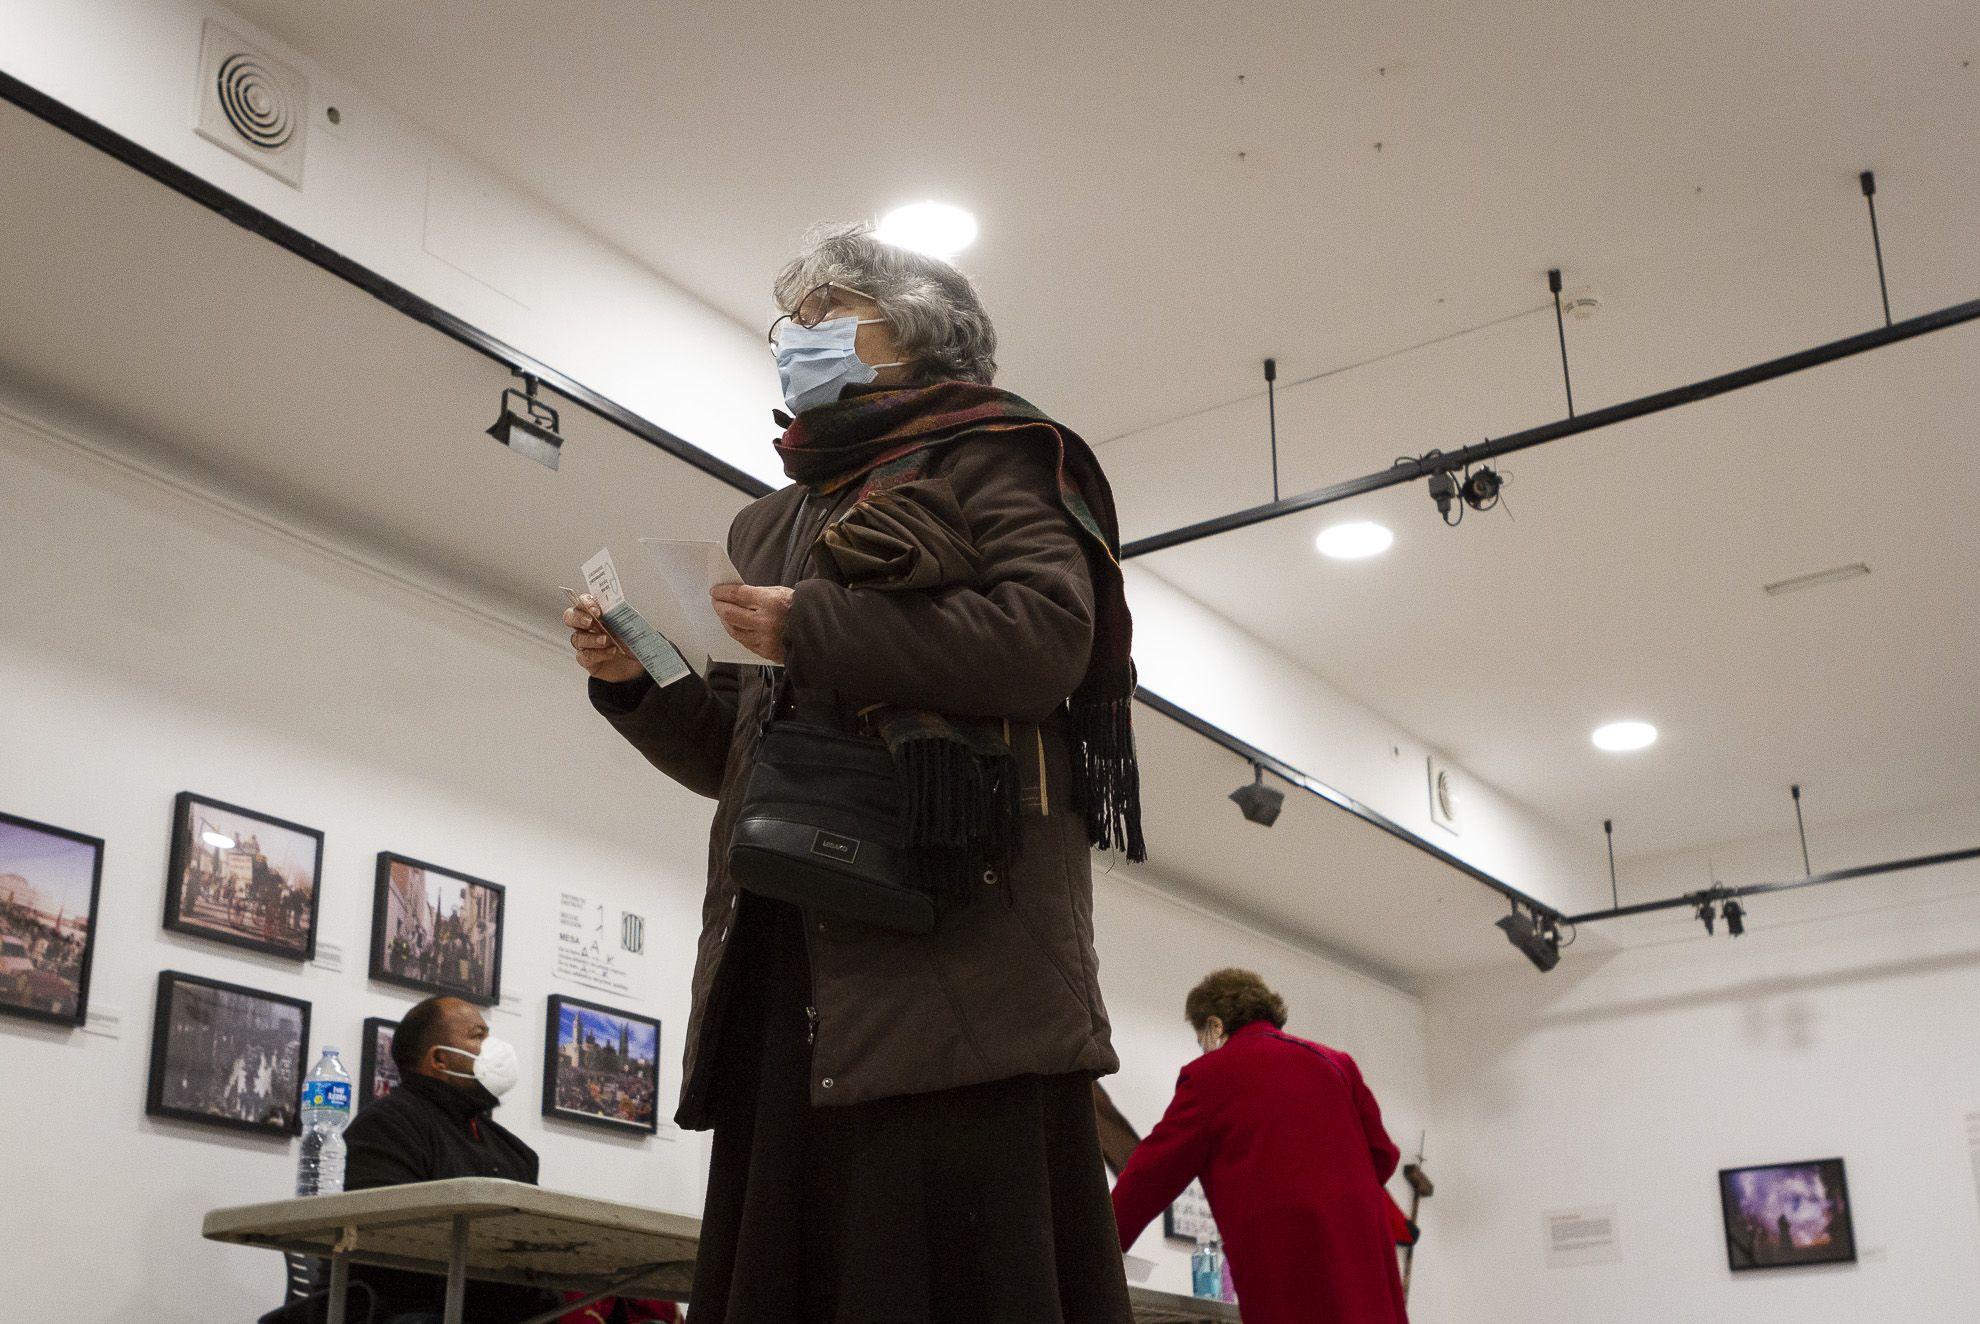 Eleccions al Parlament de Catalunya a la Casa de Cultura. FOTO: Estefania Bedmar